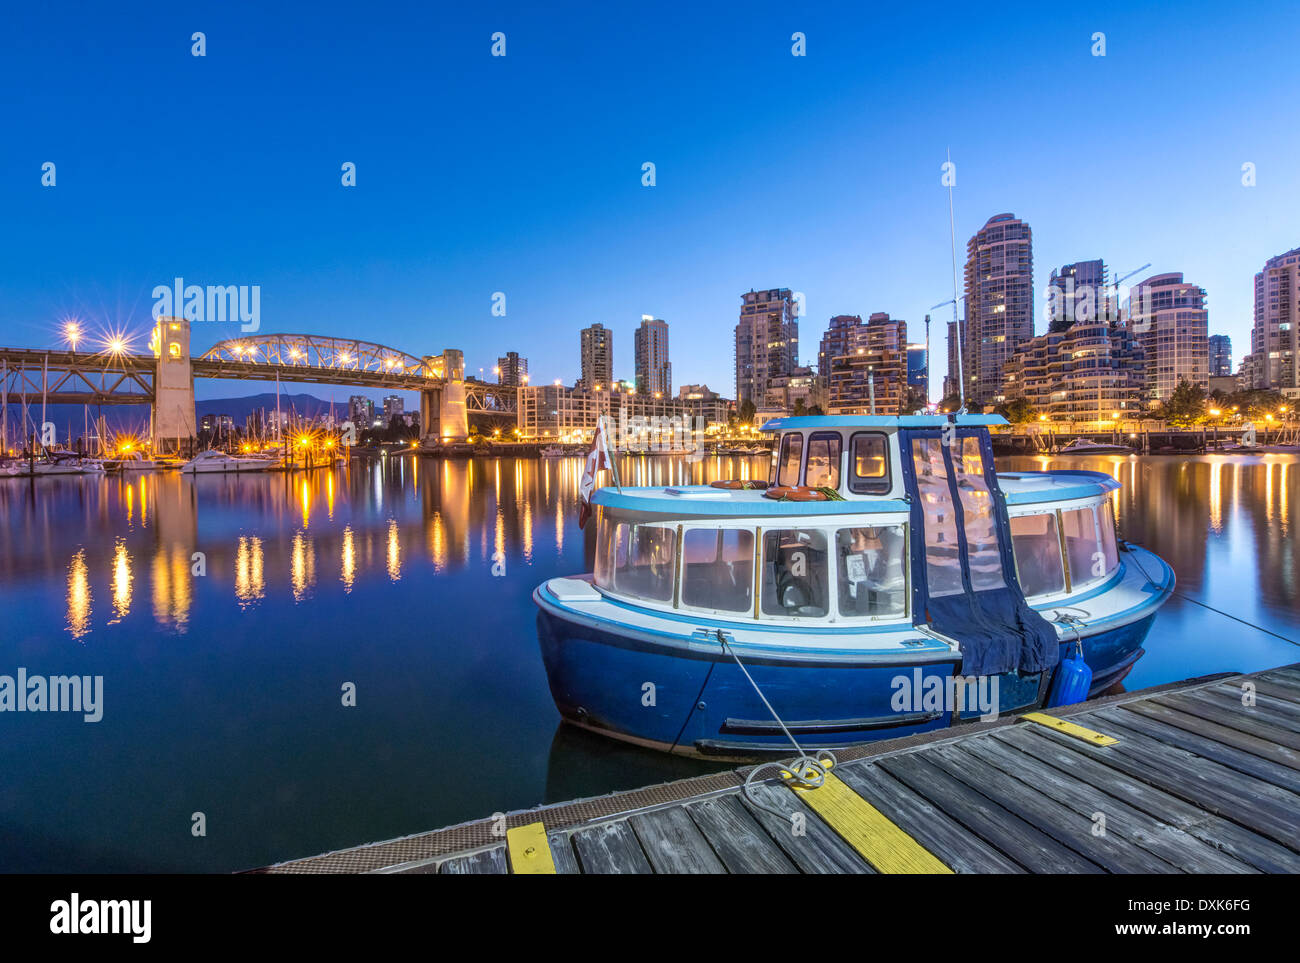 Hafen-Skyline und den Hafen beleuchtet in der Nacht, Vancouver, Britisch-Kolumbien, Kanada Stockbild